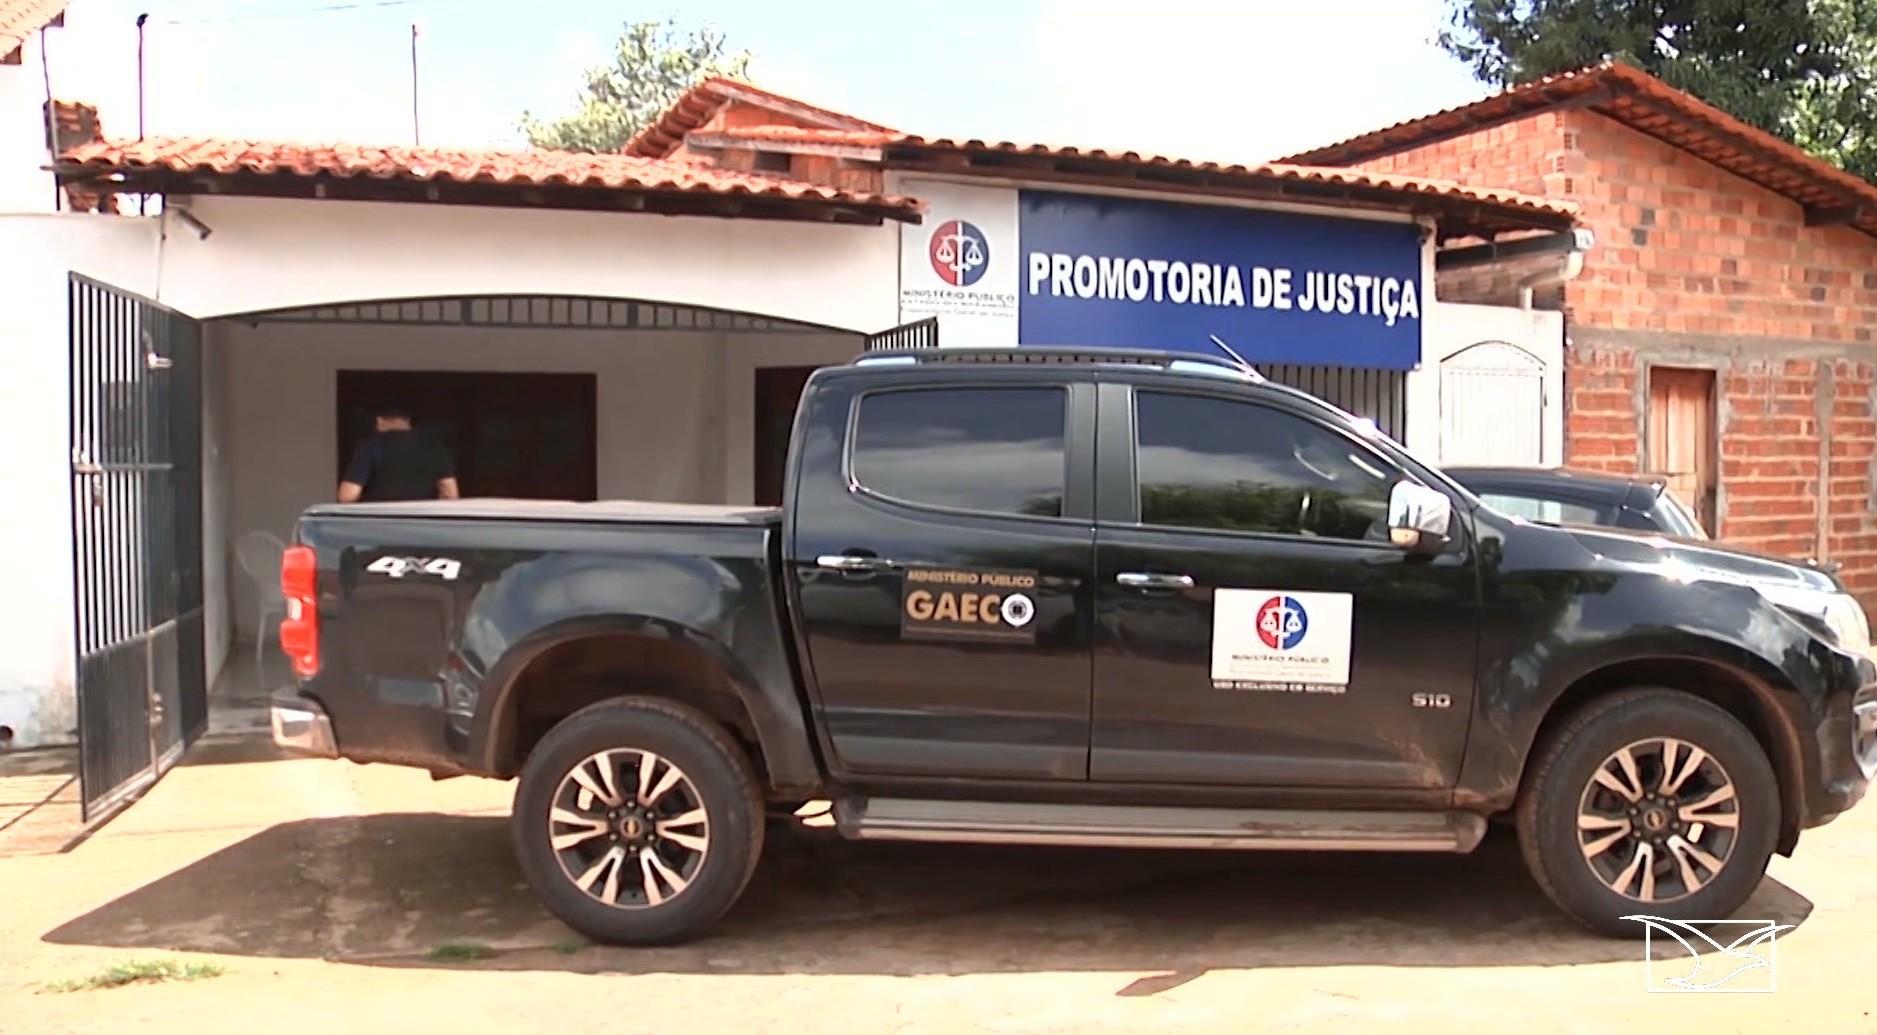 Ministério Público investiga golpes contra idosos em Timbiras  - Noticias